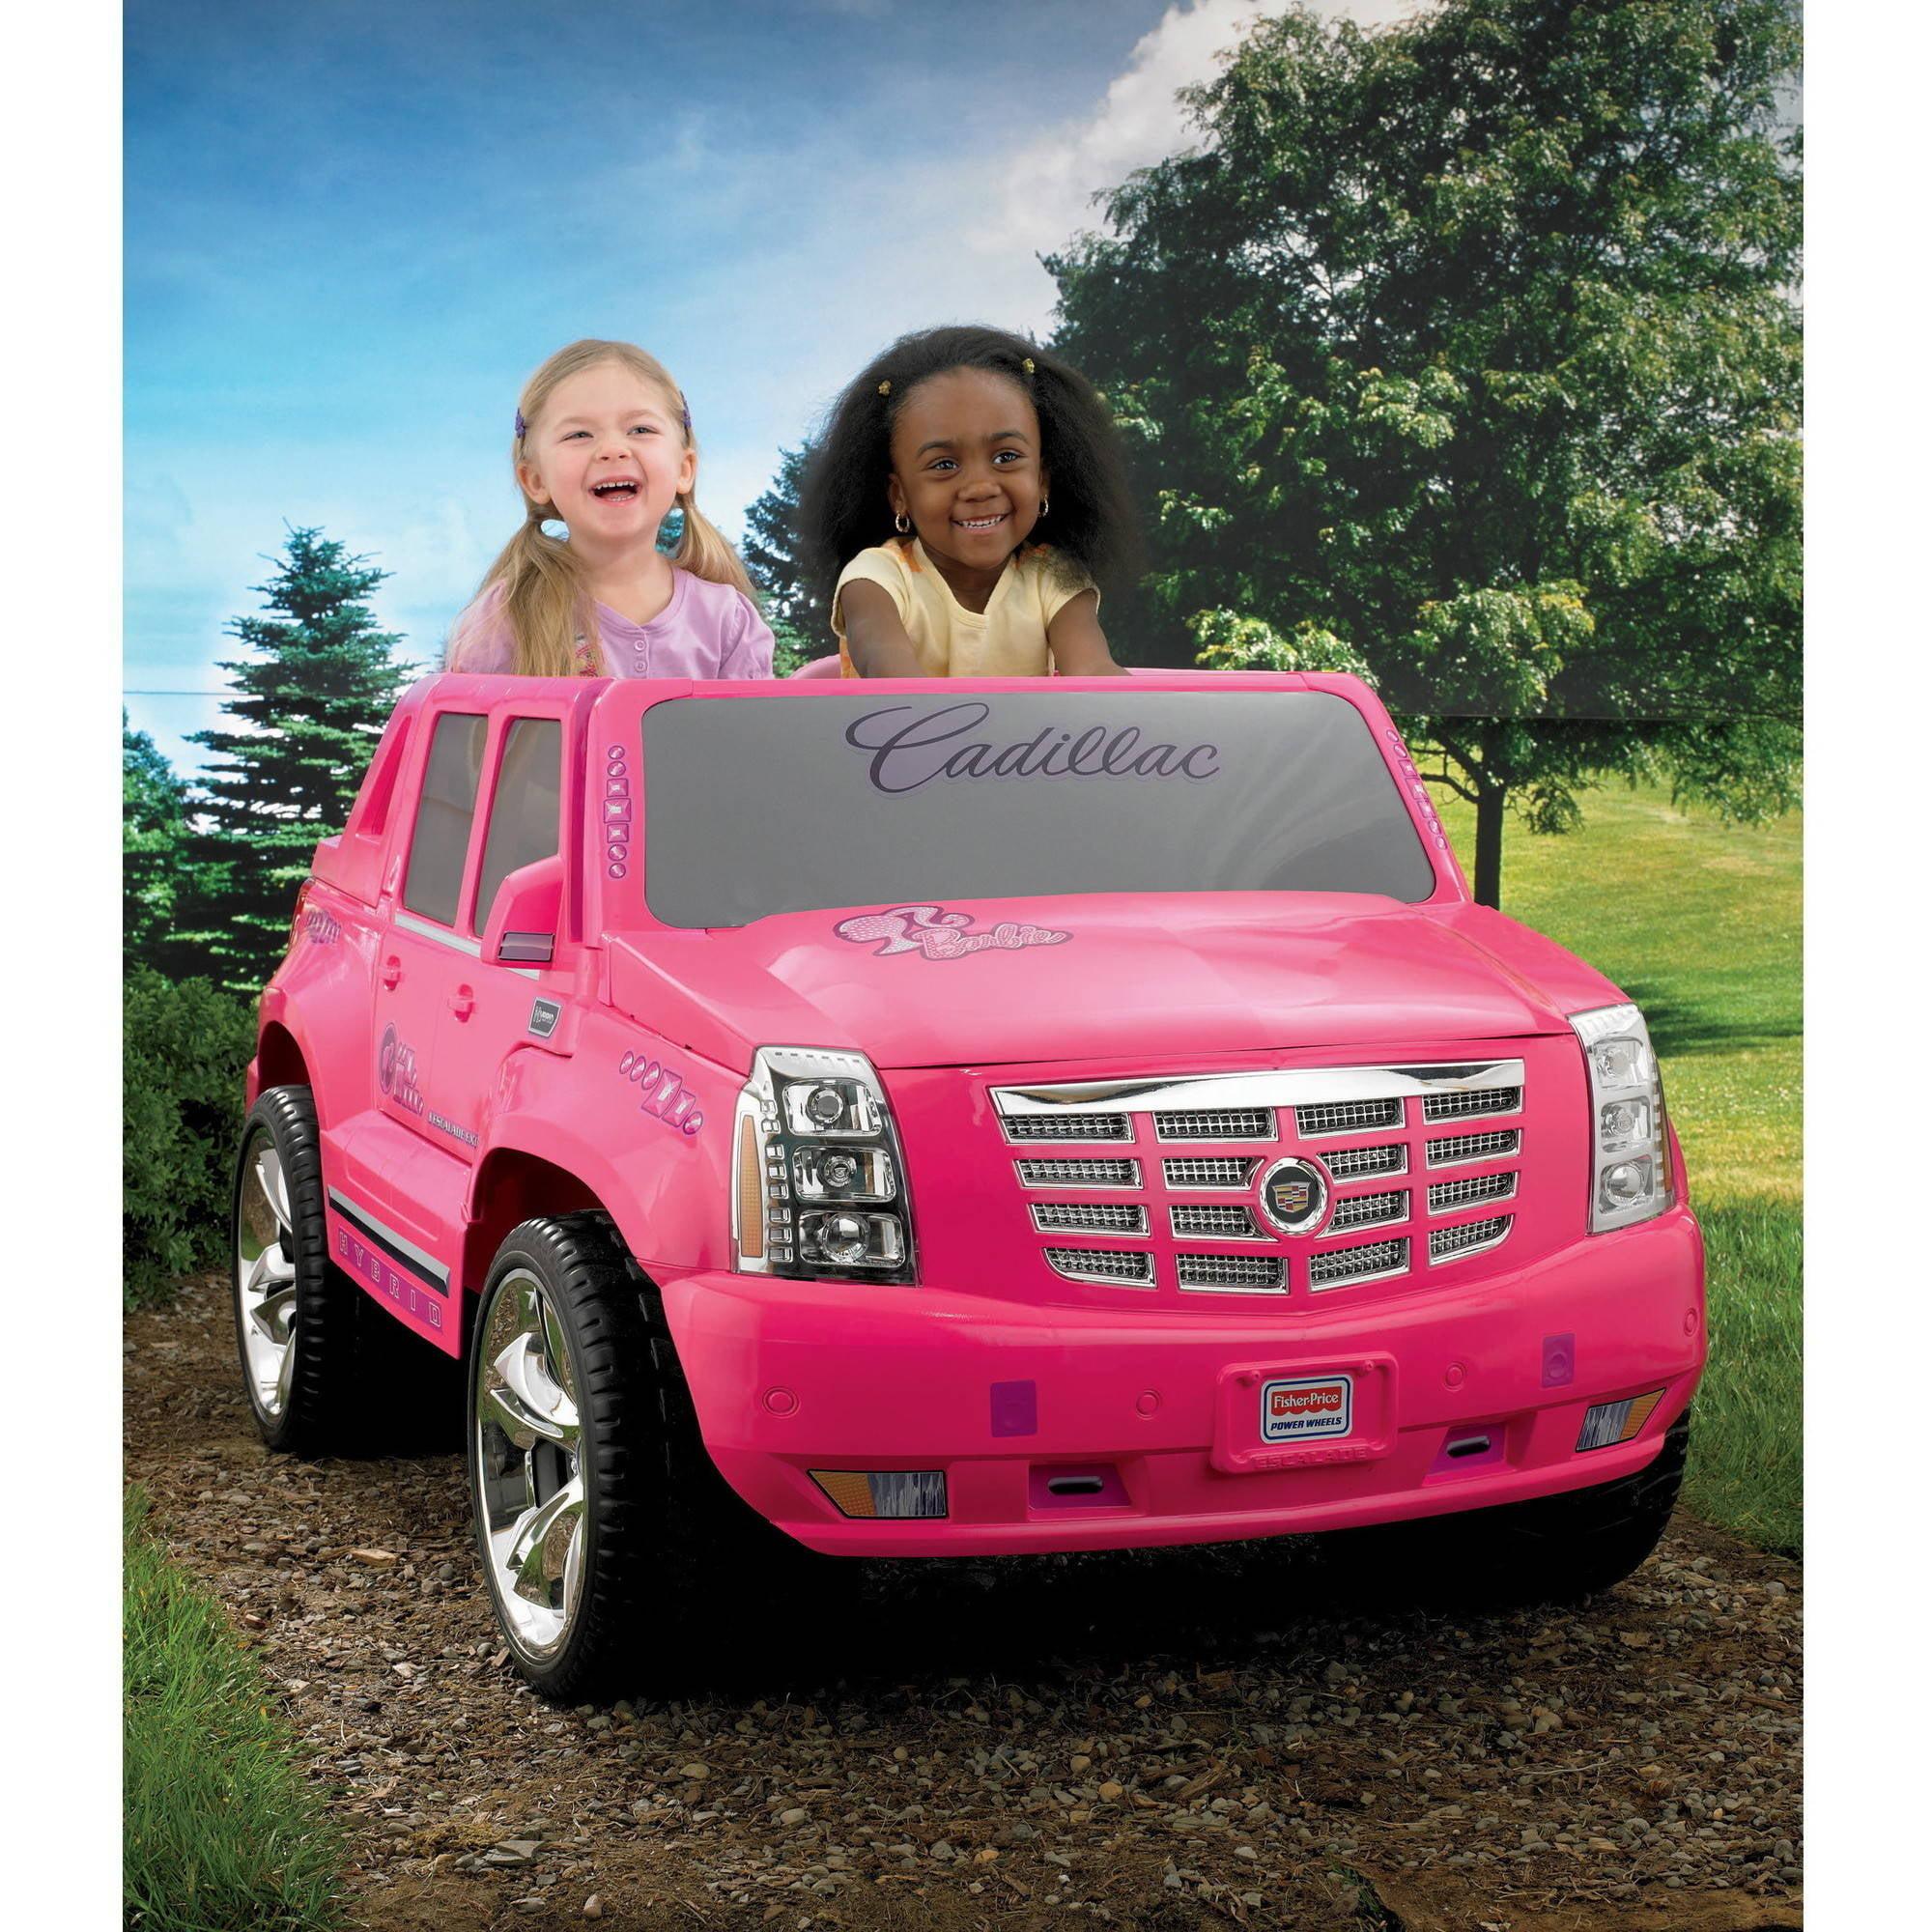 Power Wheels Barbie Escalade - Walmart.com